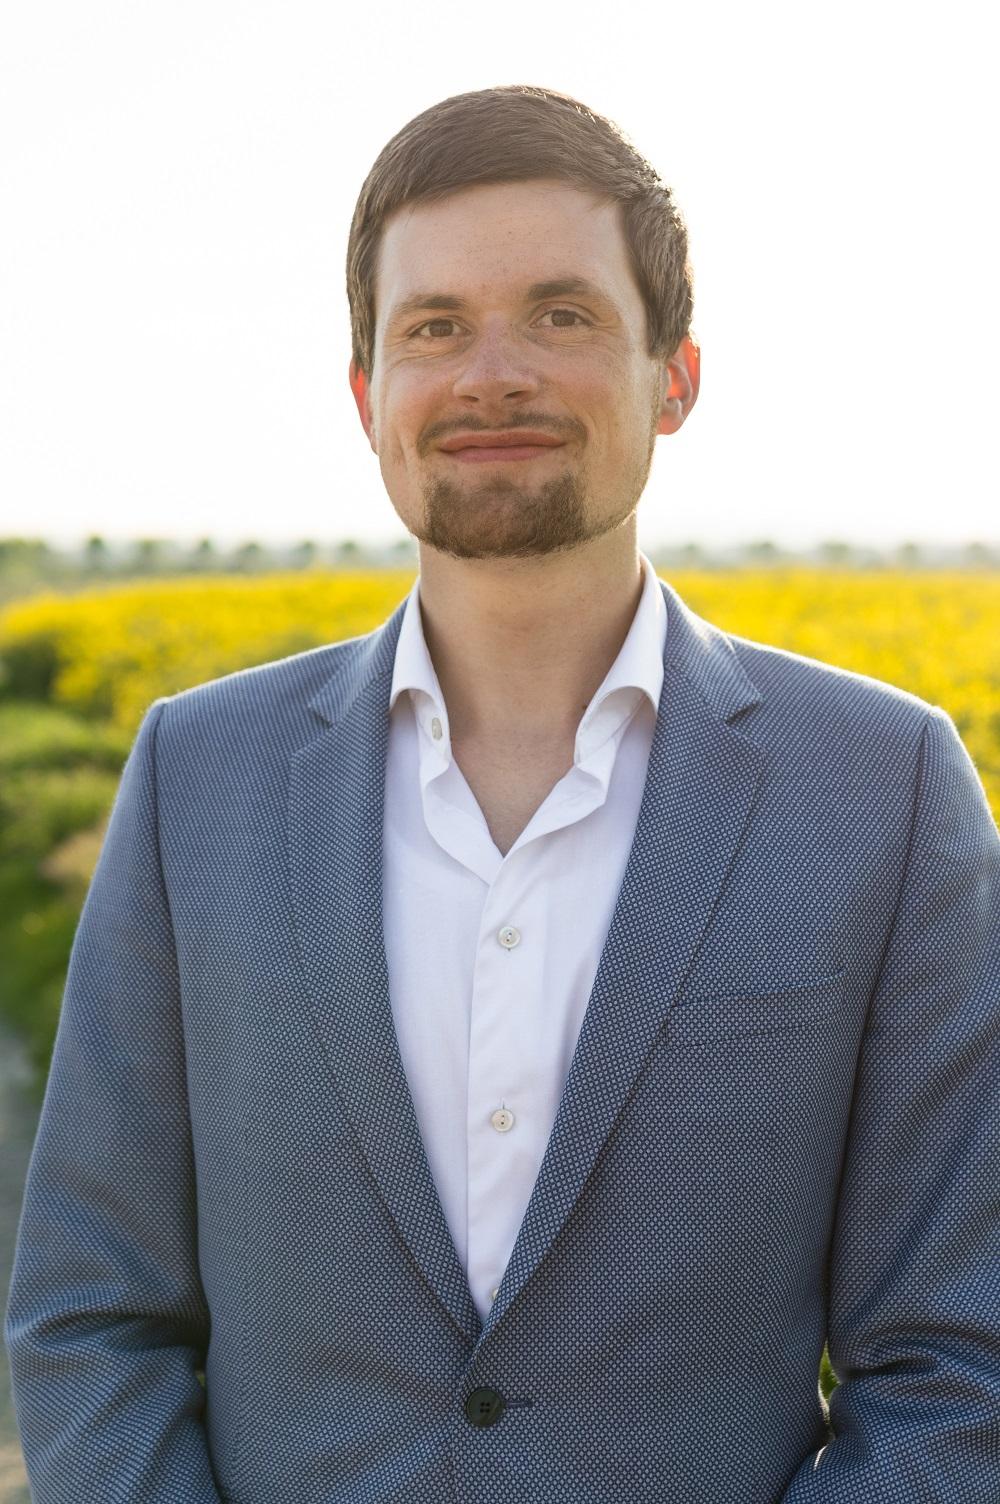 Markus Tächl - Kölner Finanzadler - Versicherungen- & Finanzen in Köln Widdersdorf